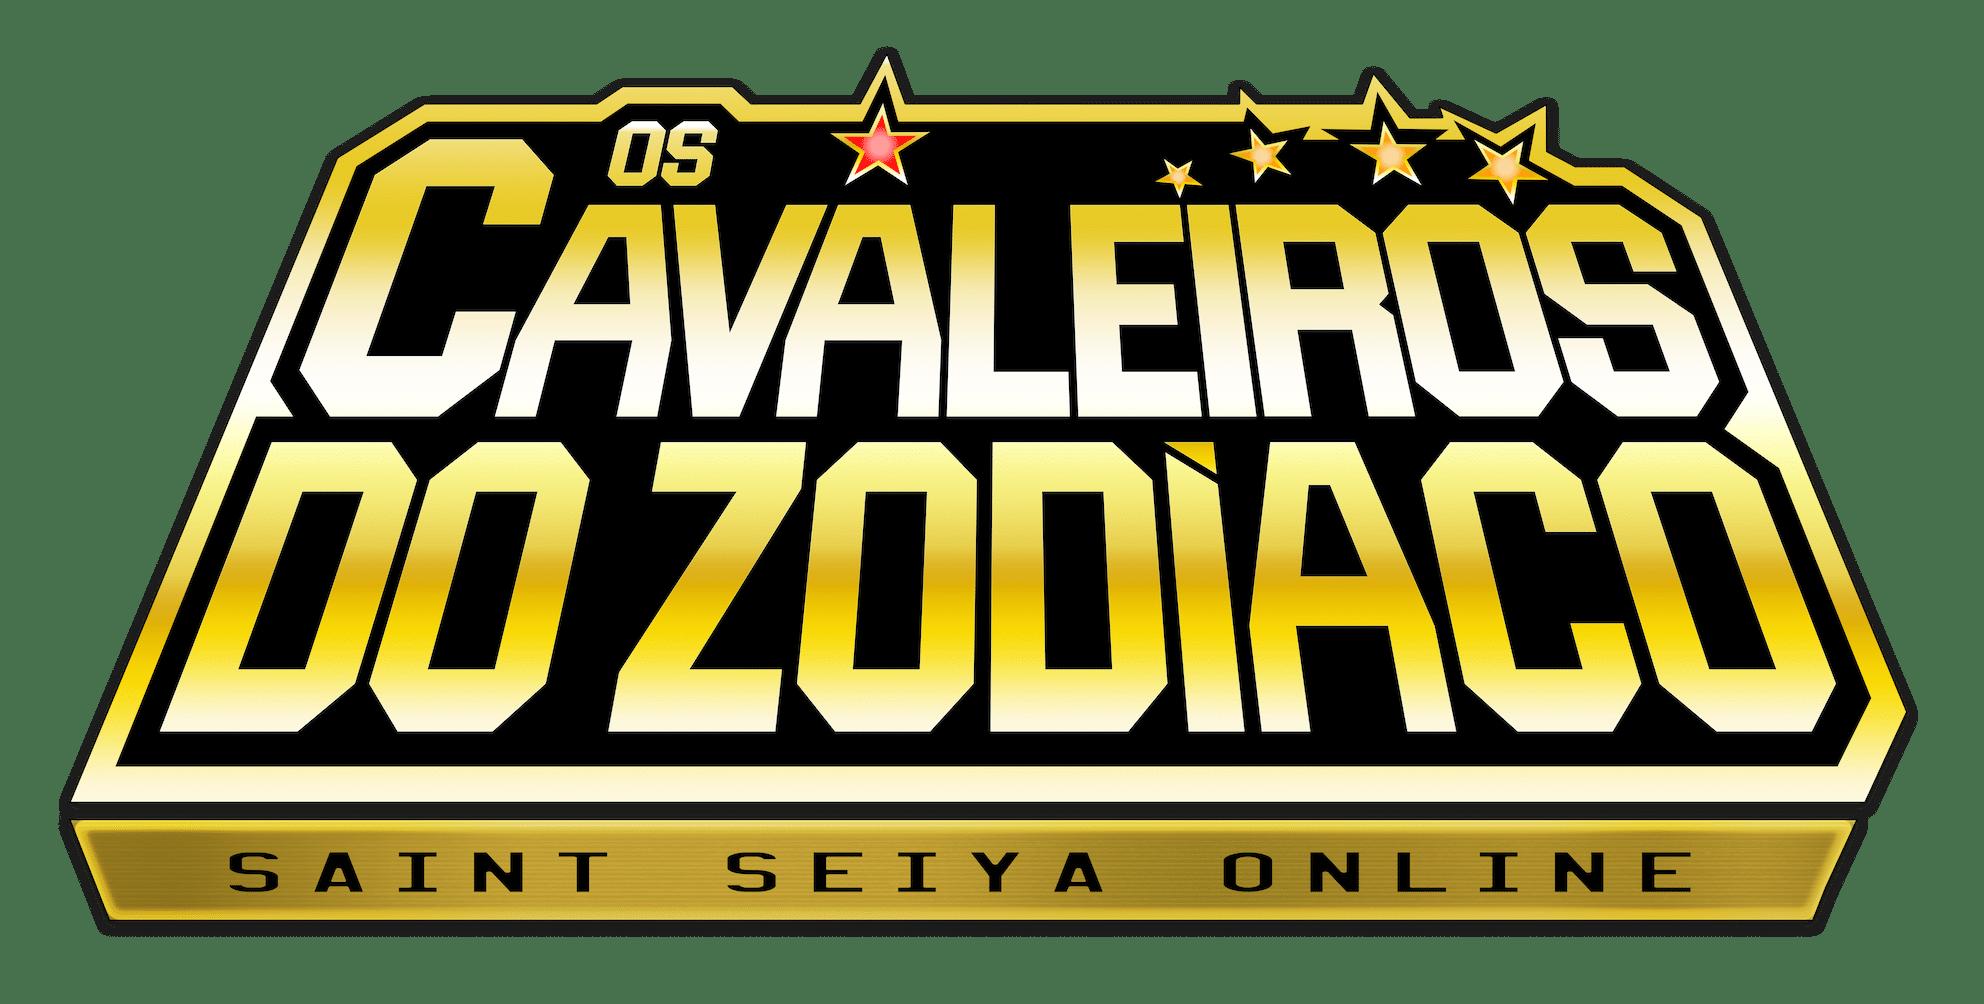 Jogos: Os Cavaleiros do Zodíaco – Saint Seiya Online encerrará suas operações no Brasil